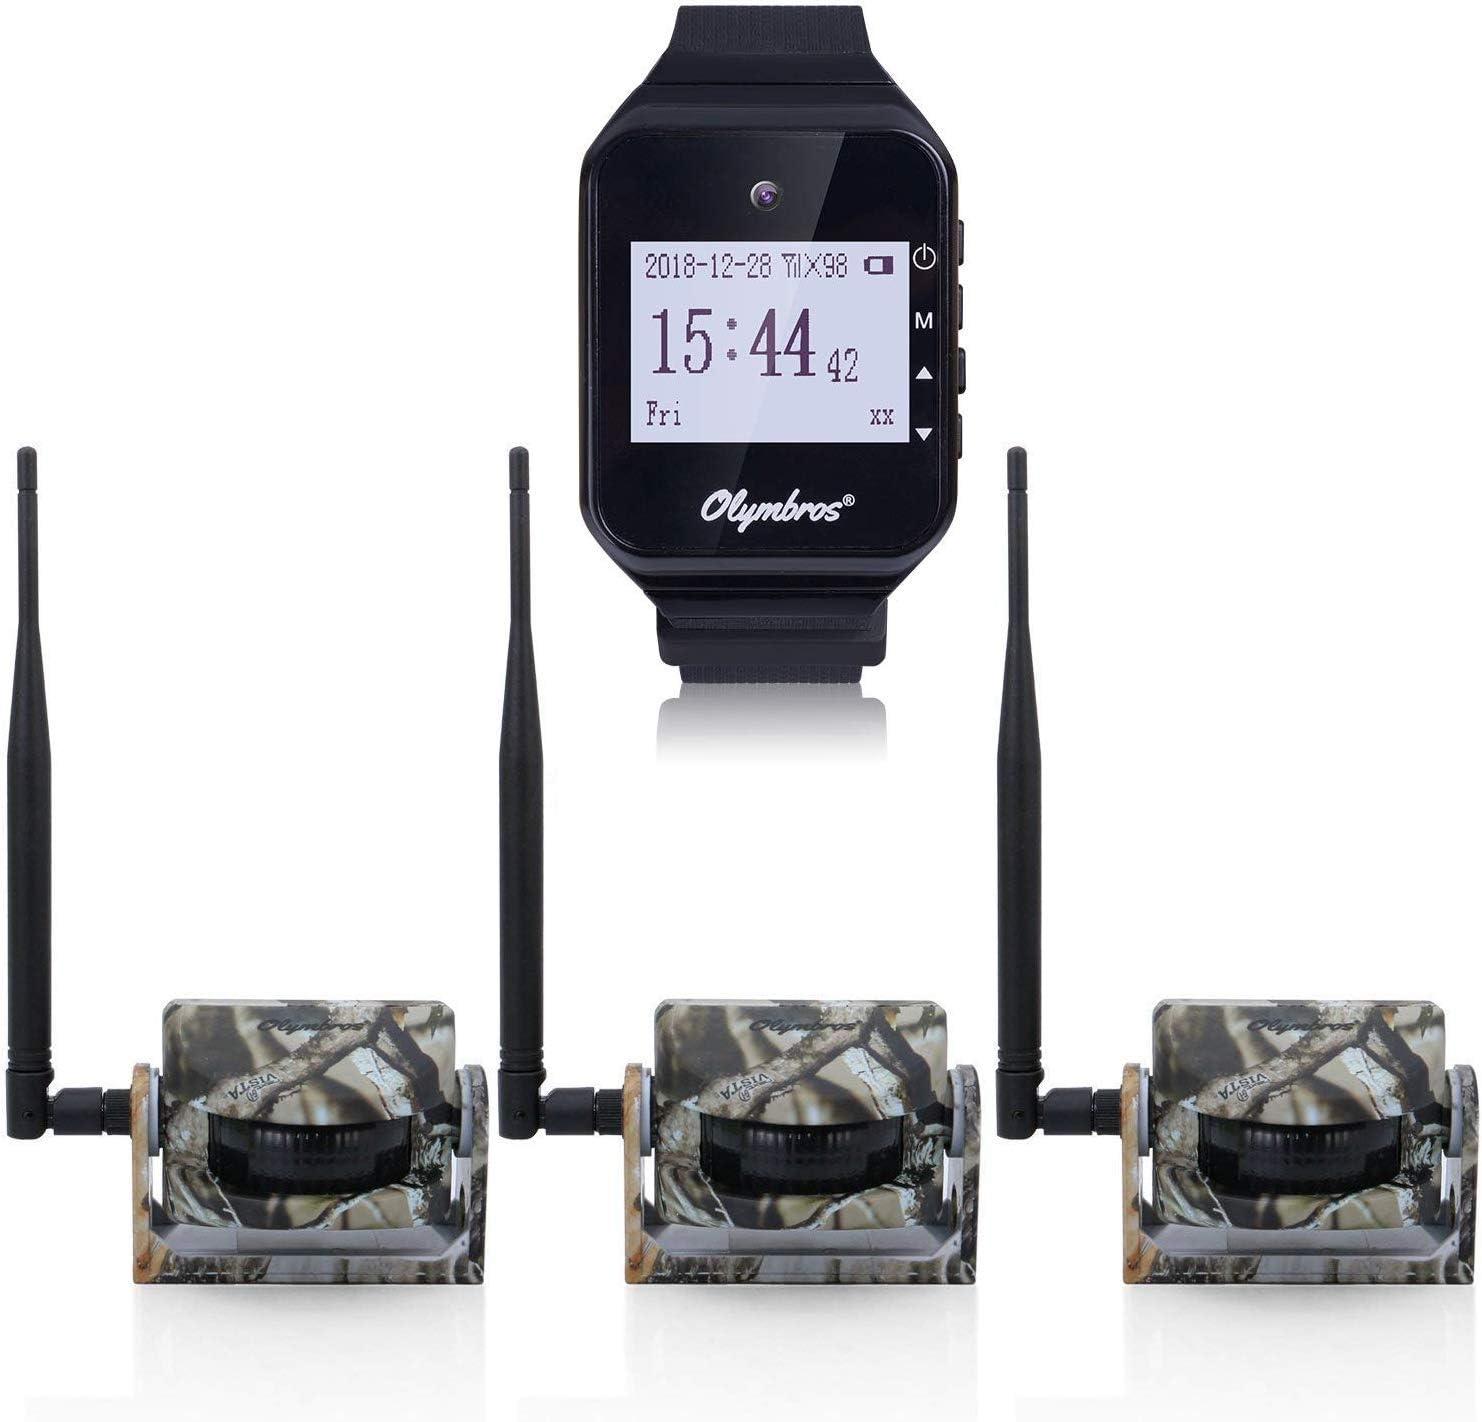 Olymbros Sensores Para Caza Con Alarma en Reloj Alcance Hasta 200m 3 Detectores de Movimiento Con Sonido y Vibración Seguimiento de Animales Alarma IP54